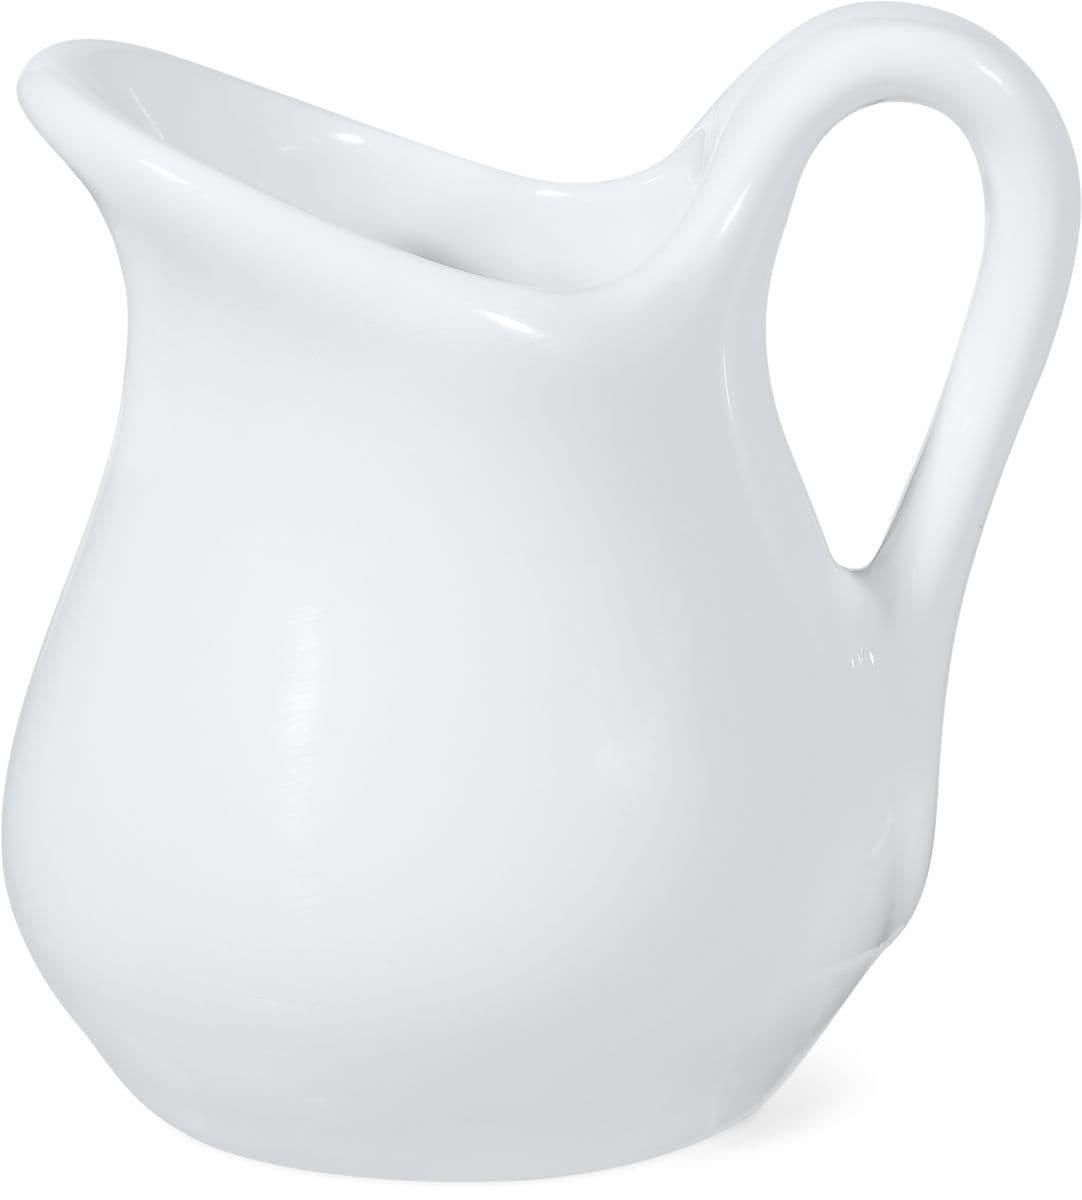 Cucina & Tavola Brocca per panna piccolo, 45ml